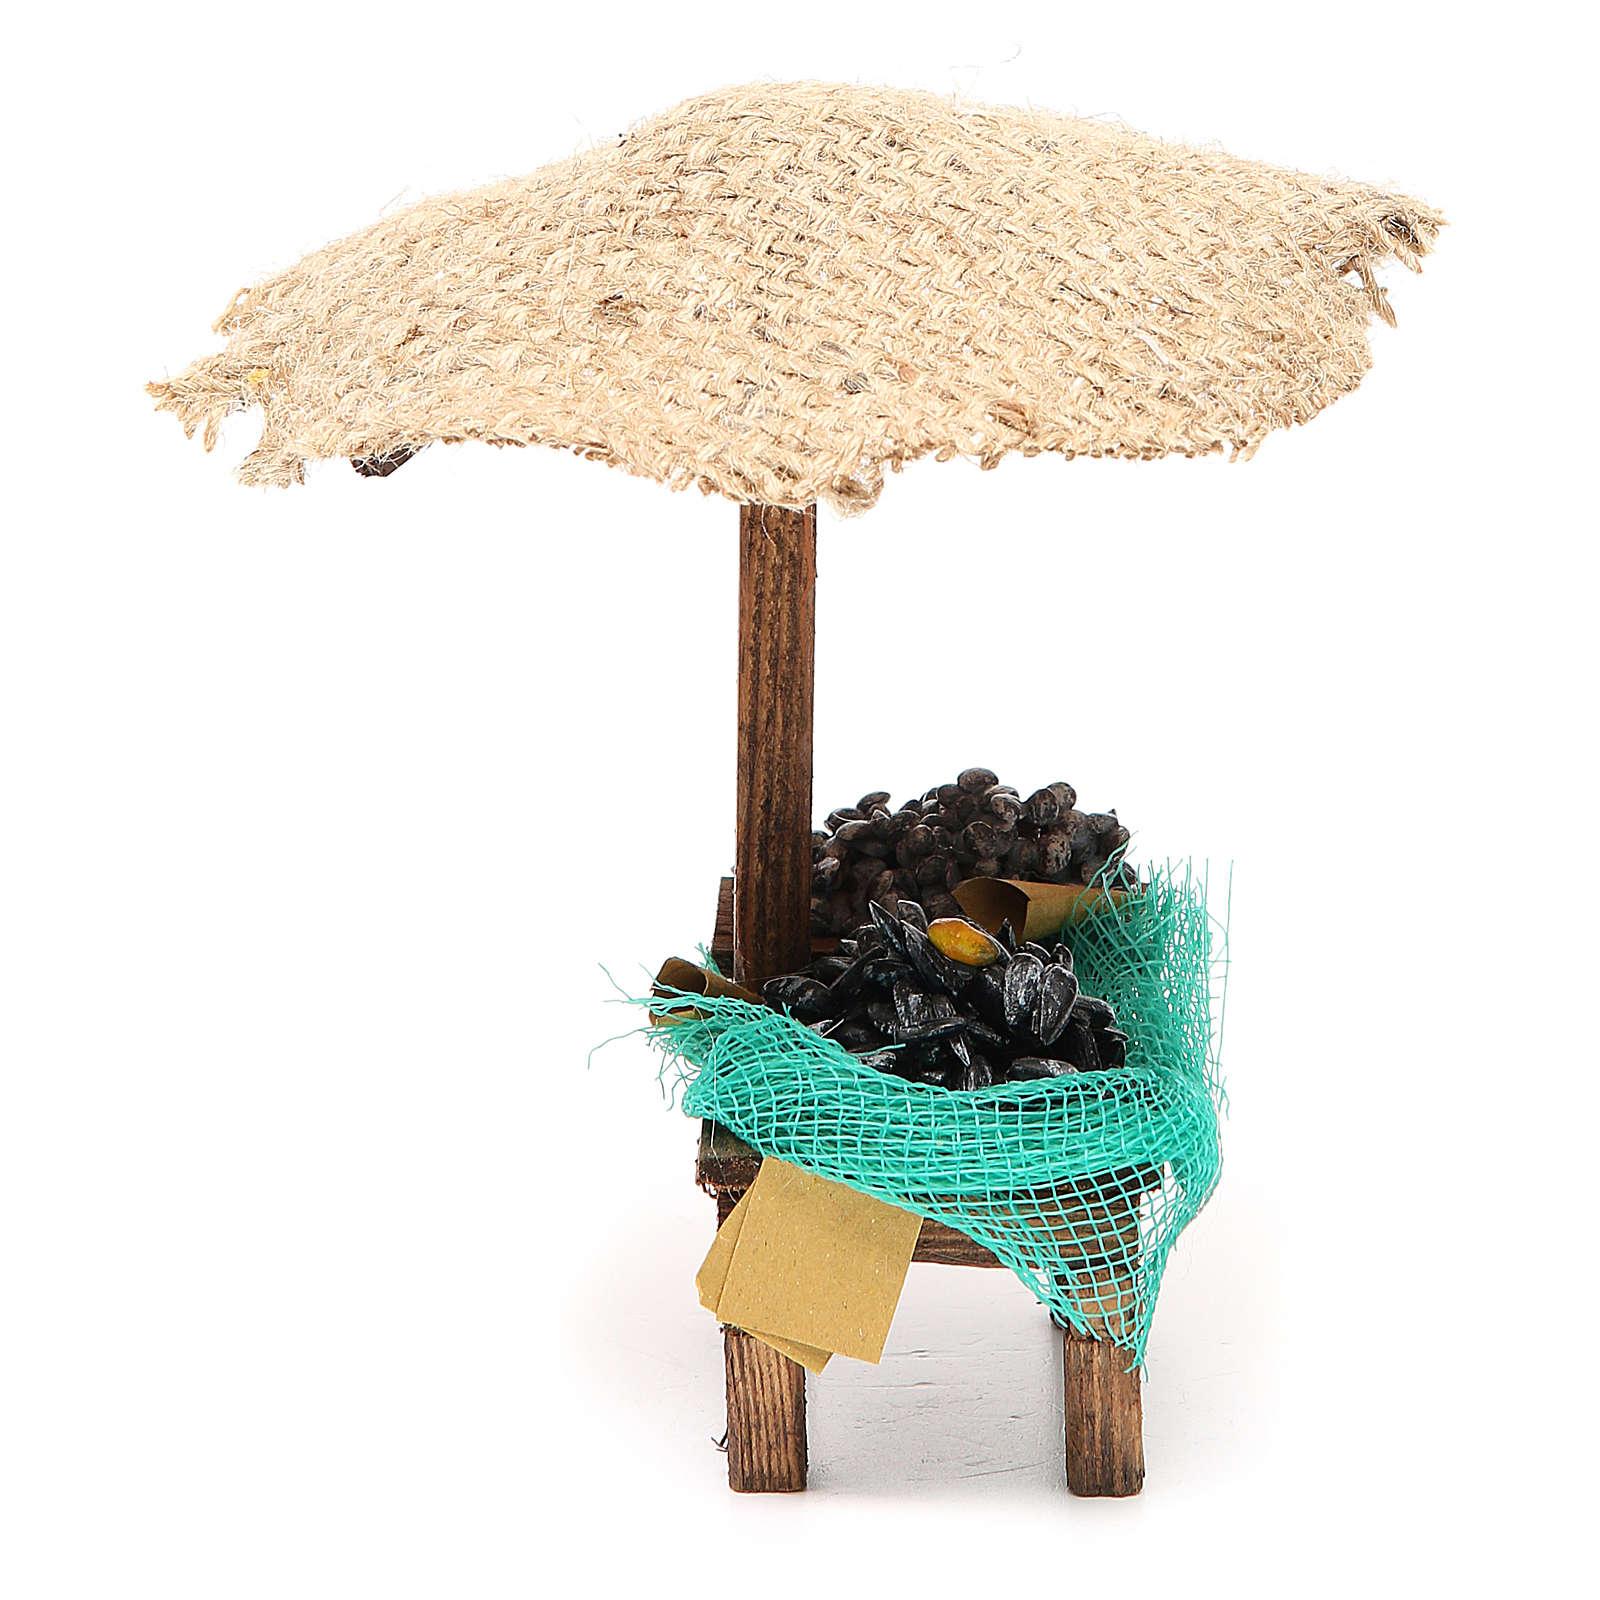 Banco presepe cozze vongole con ombrello 16x10x12 cm 4